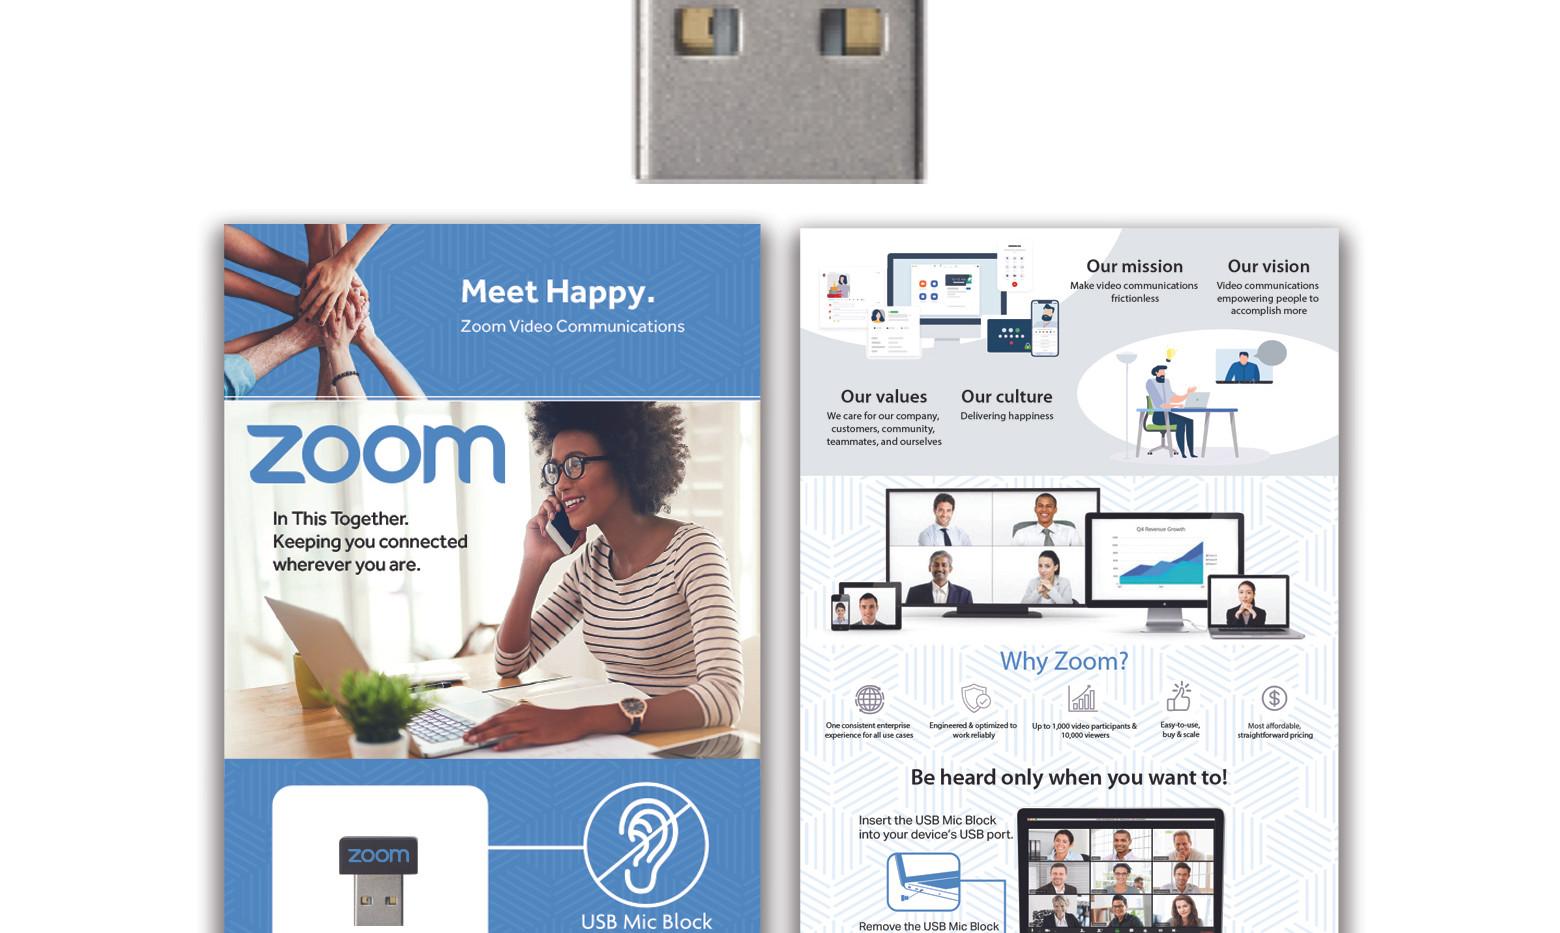 Zoom usb mic block custom packaging.jpg